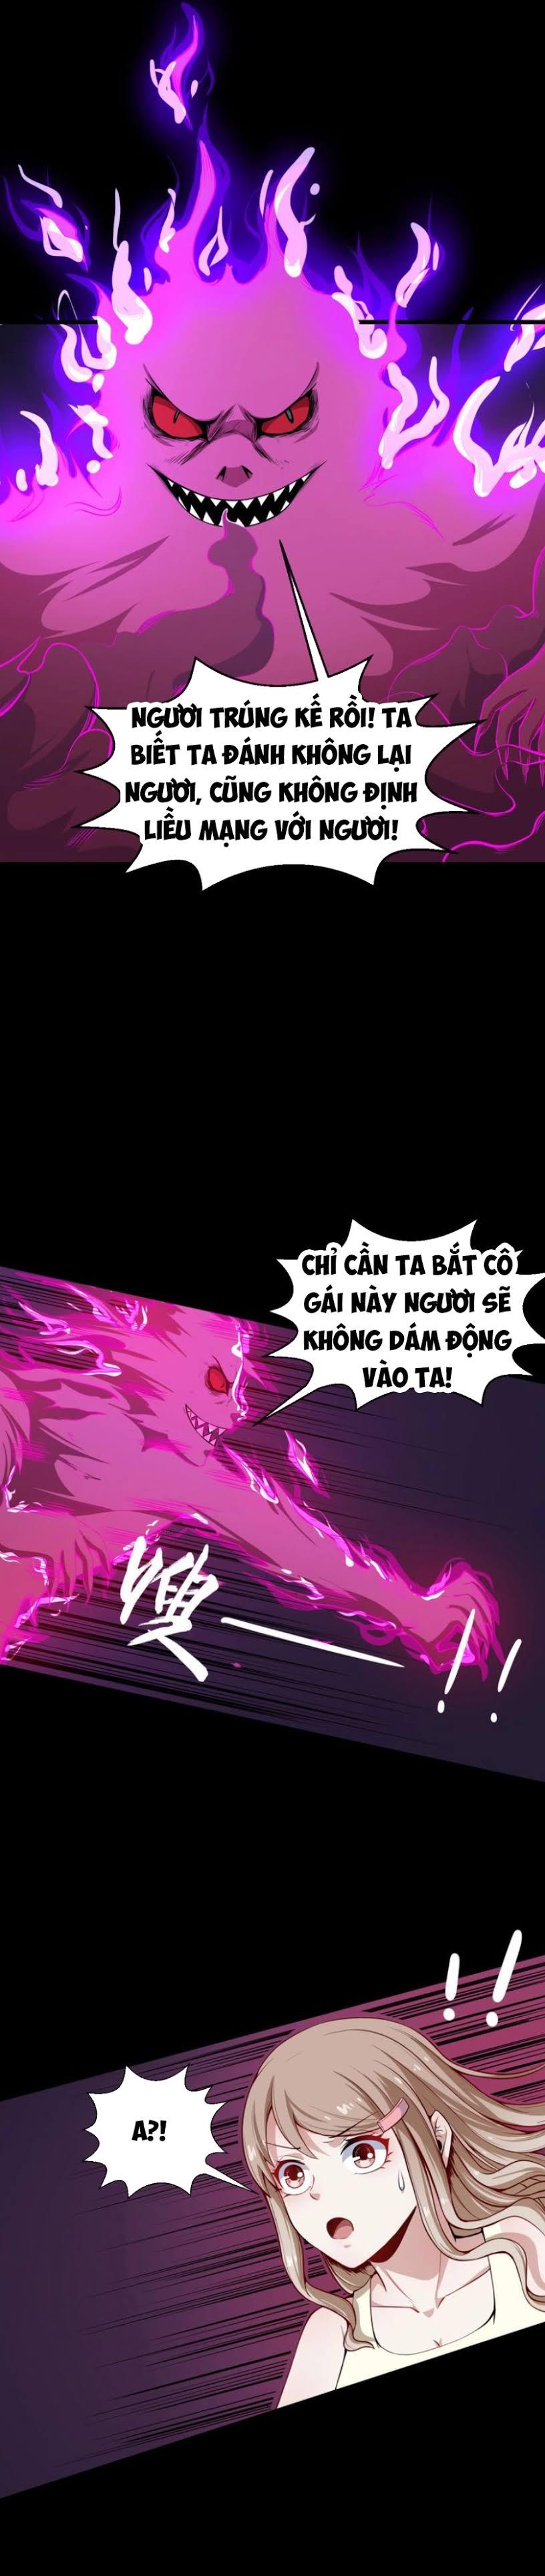 Ma Tôn Trông Trẻ Chapter 25 video - Hamtruyen.vn